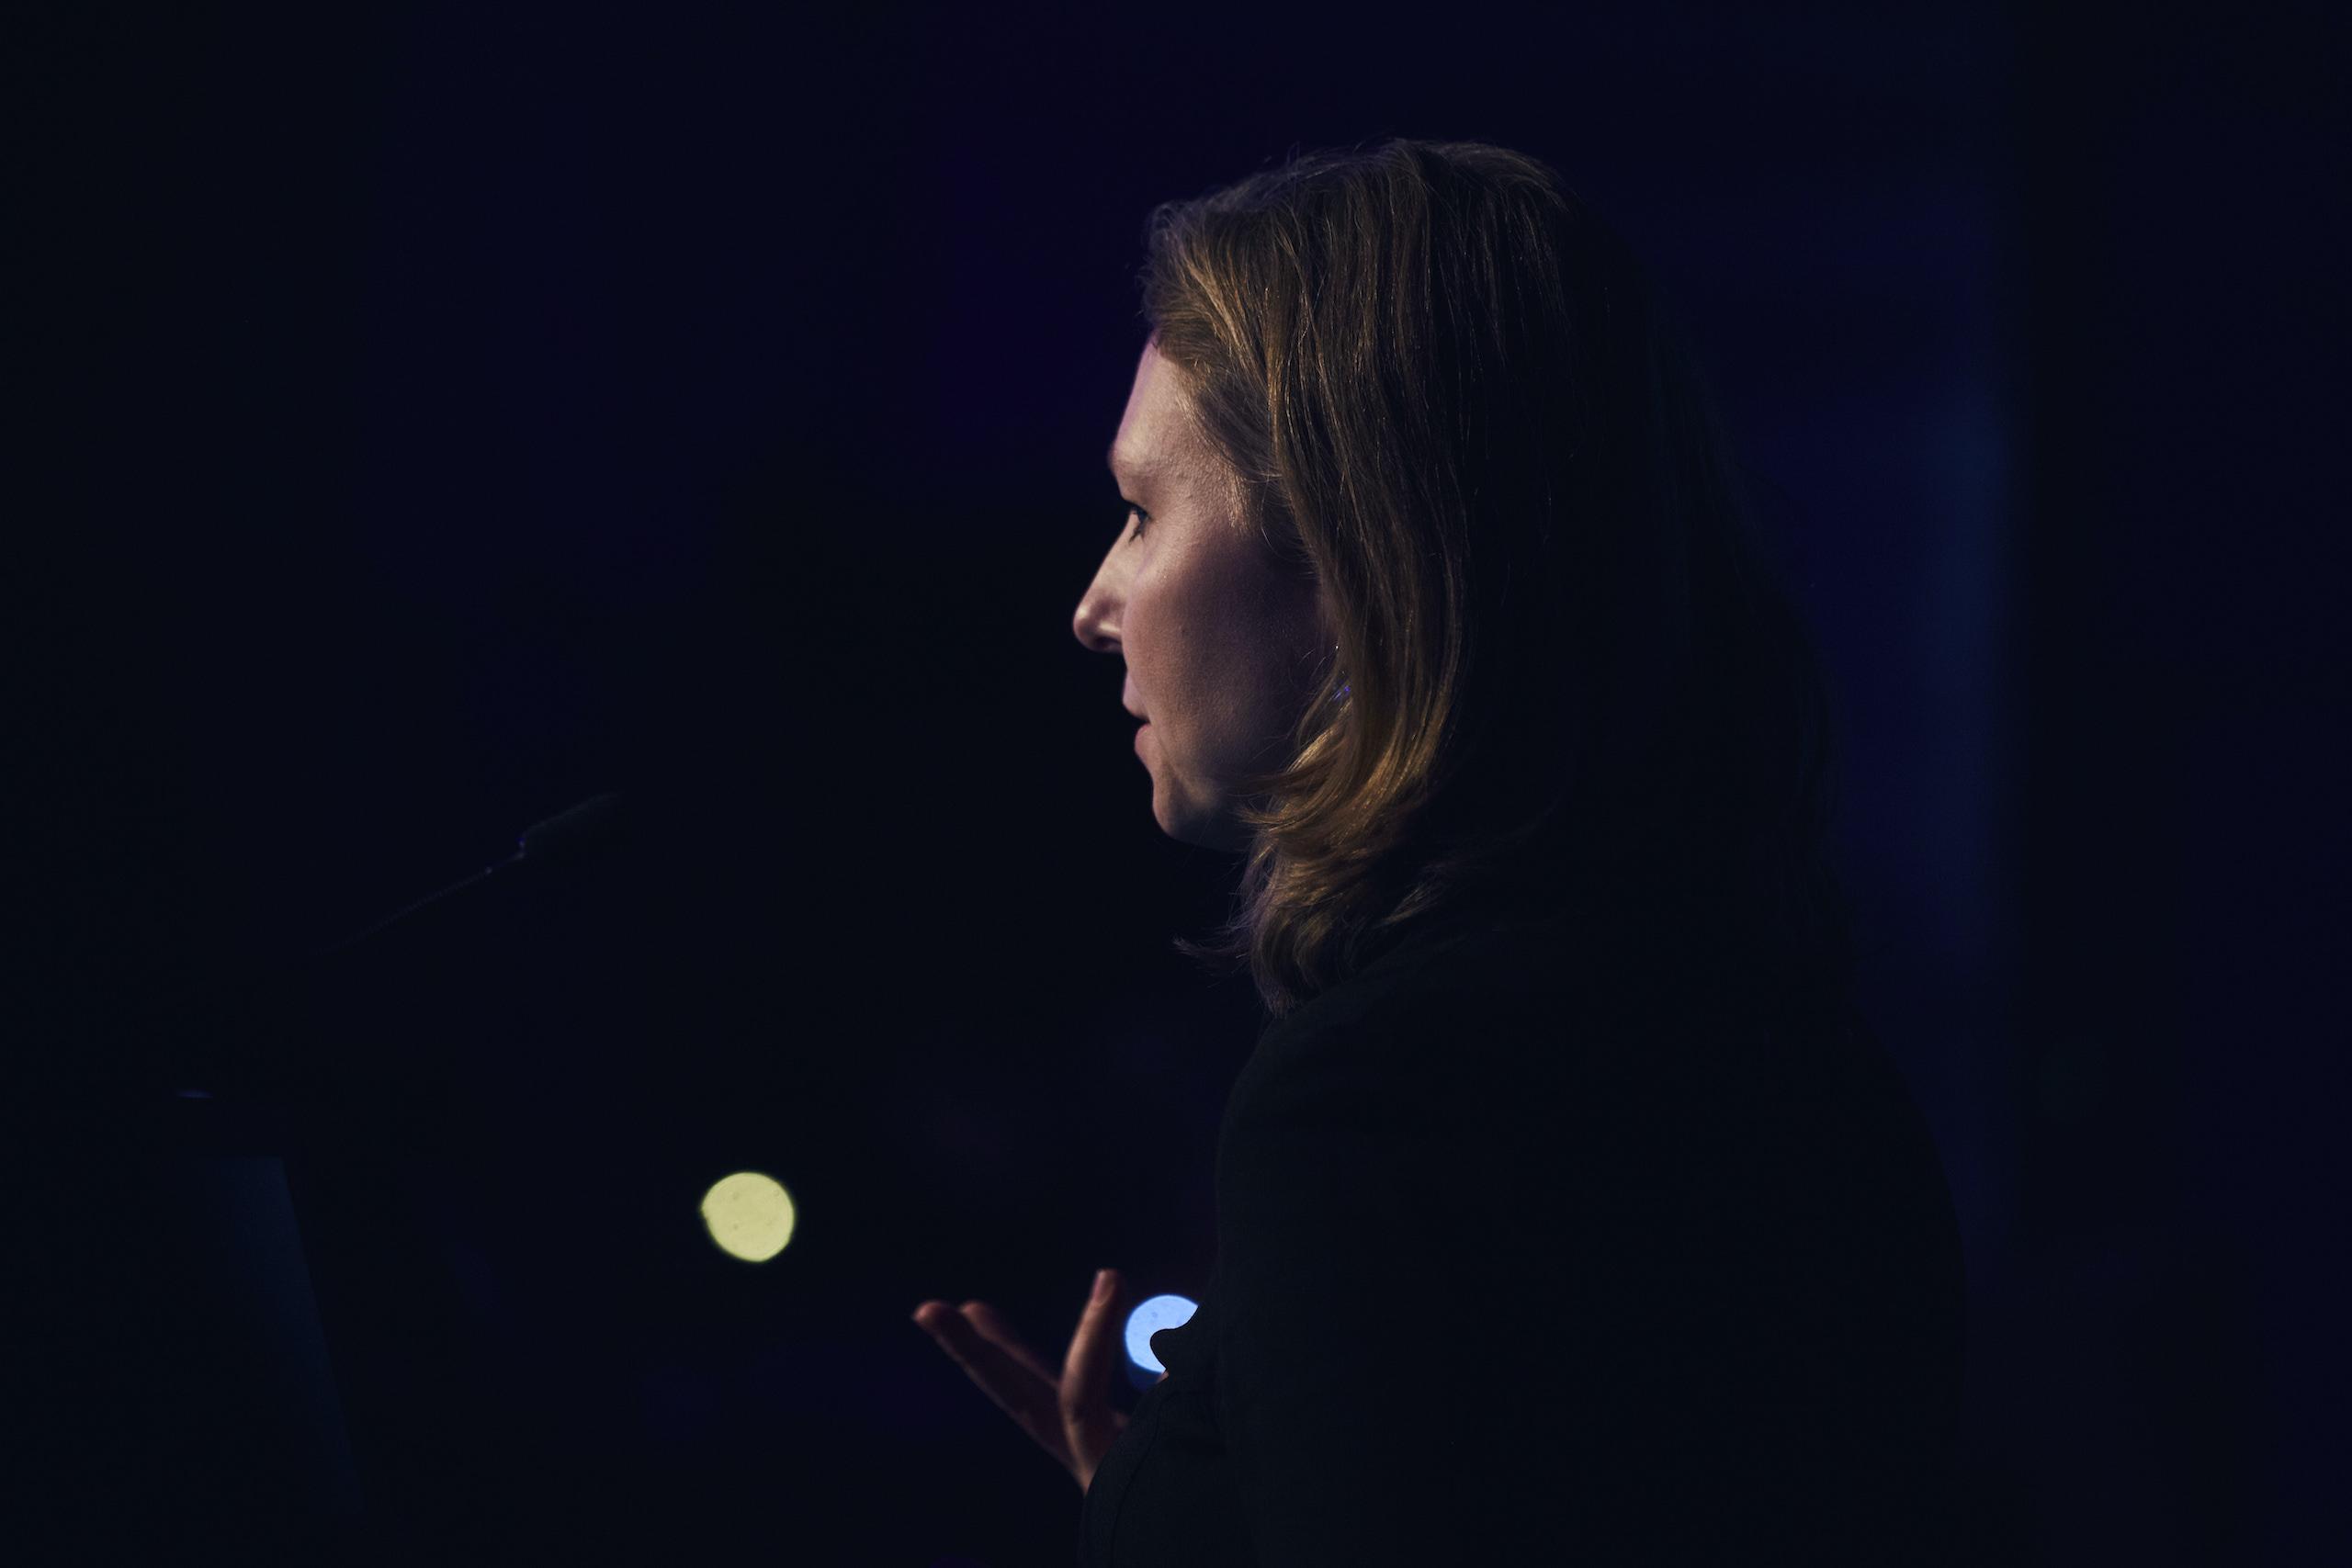 Kuratorin Joanna Warsza Konferenz Architecture Matters Konferenz 2017 Technikum, München